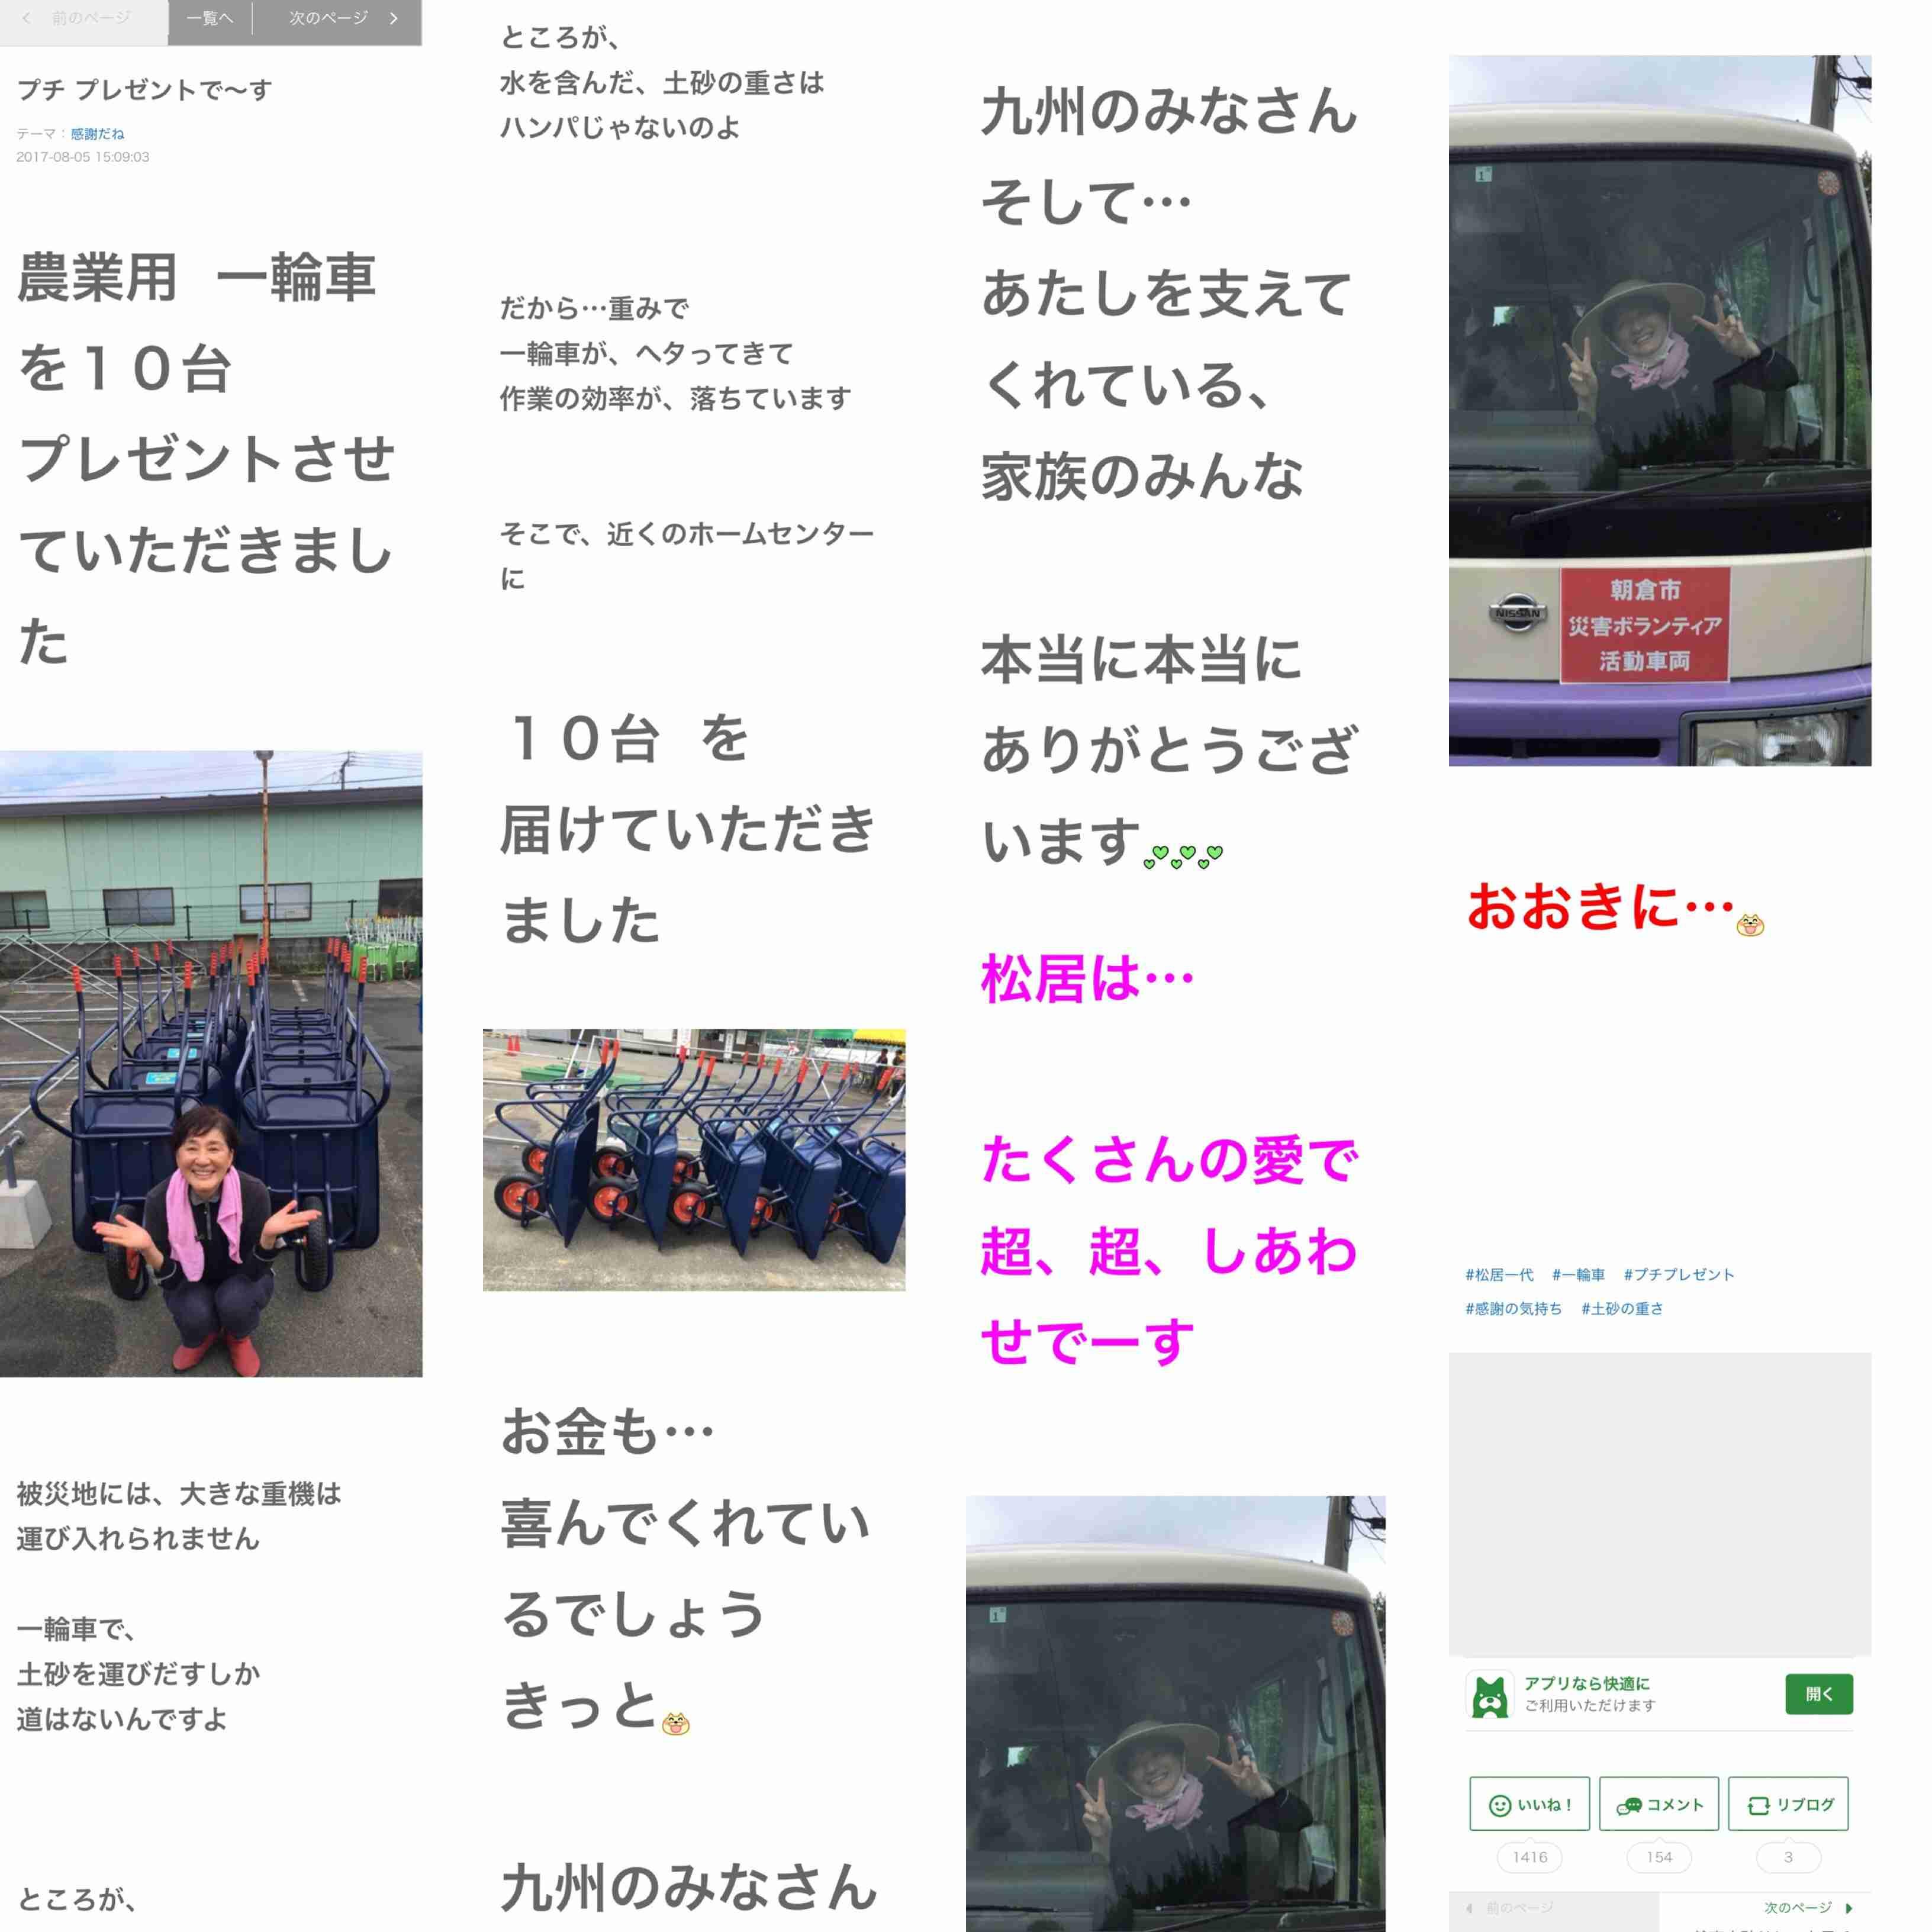 松居一代、九州被災地に一輪車をプレゼント 行動力に賞賛相次ぐ